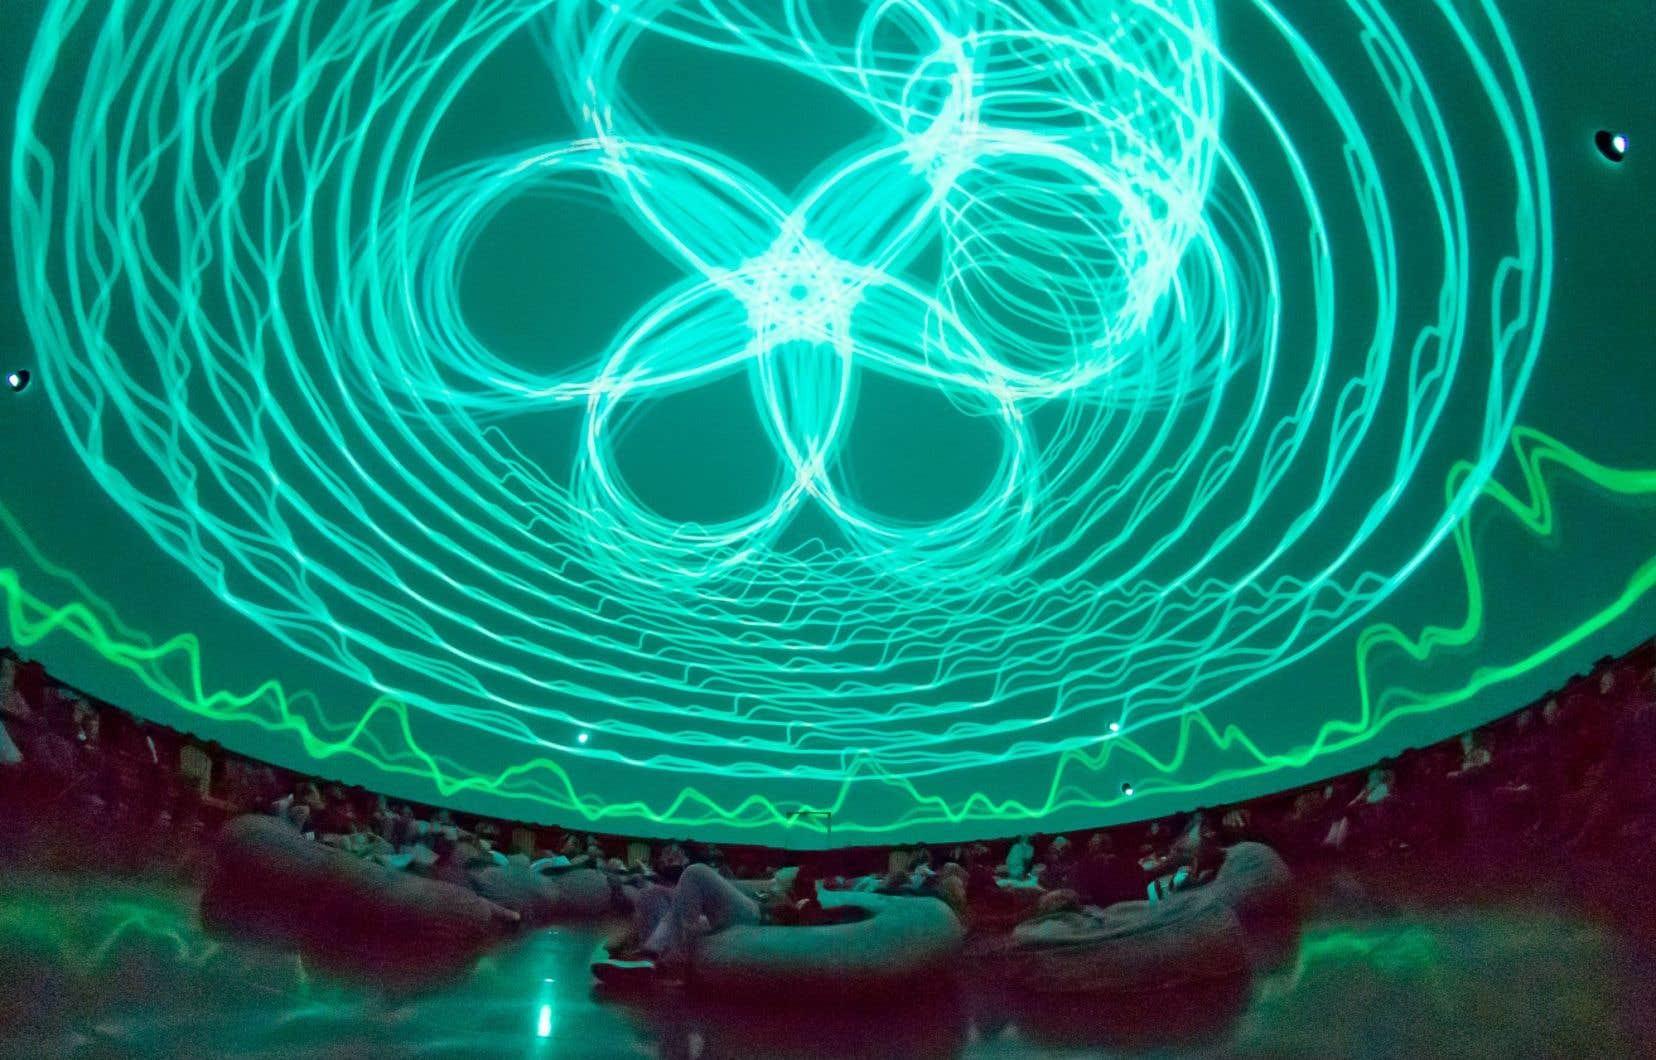 «Vertiges», un spectacle immersif qui explore le temps qu'on cherche à saisir, à accélérer, voire arrêter, présenté à Espace pour la vie.